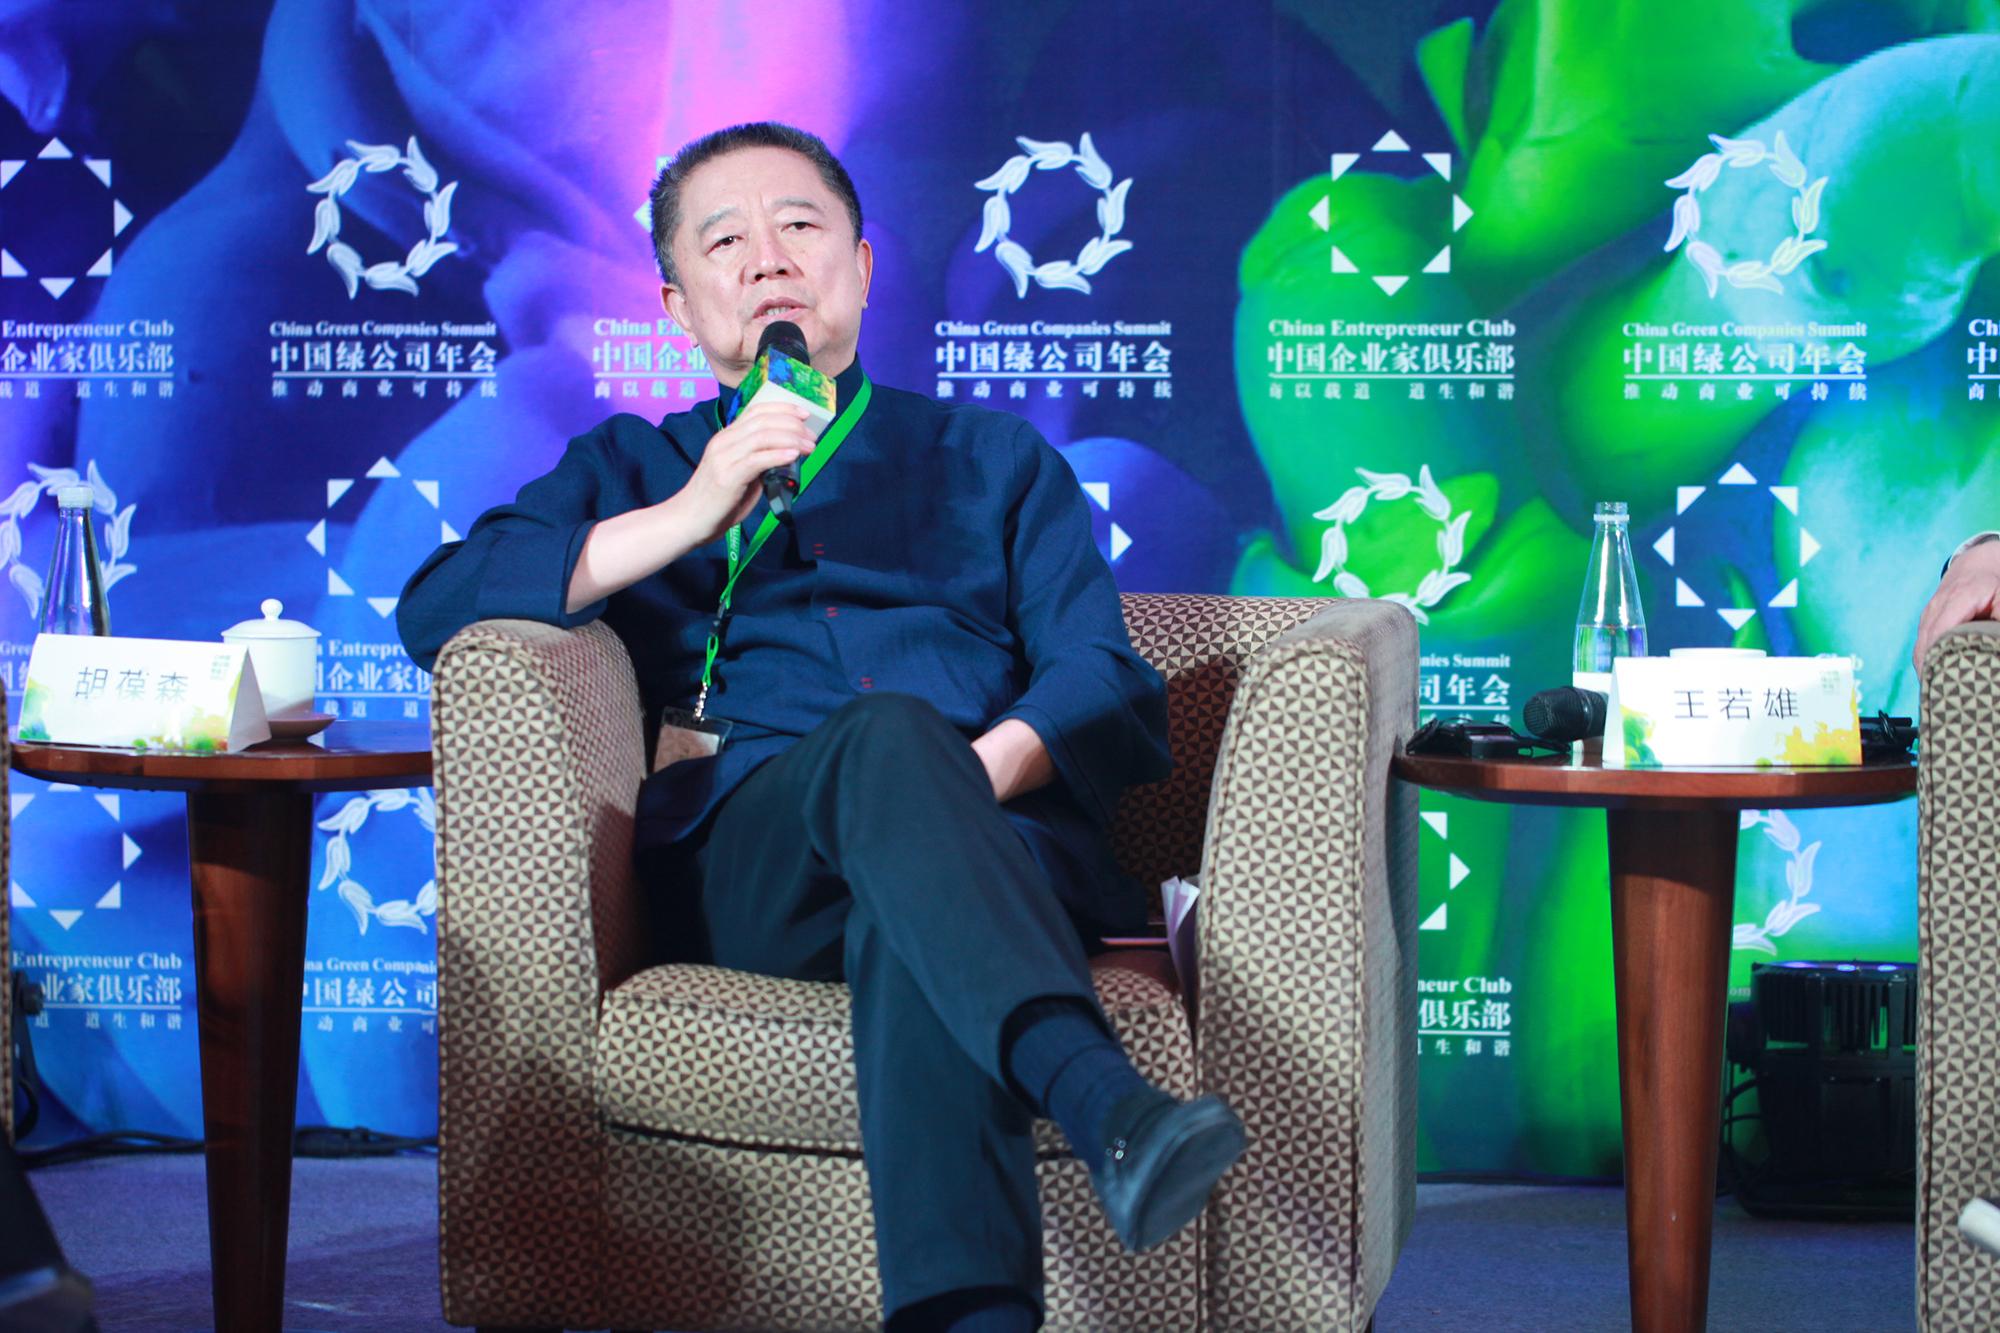 跟马云去开会,这些中国经济最热的词,你一定要知道 - 豫记 - 豫记